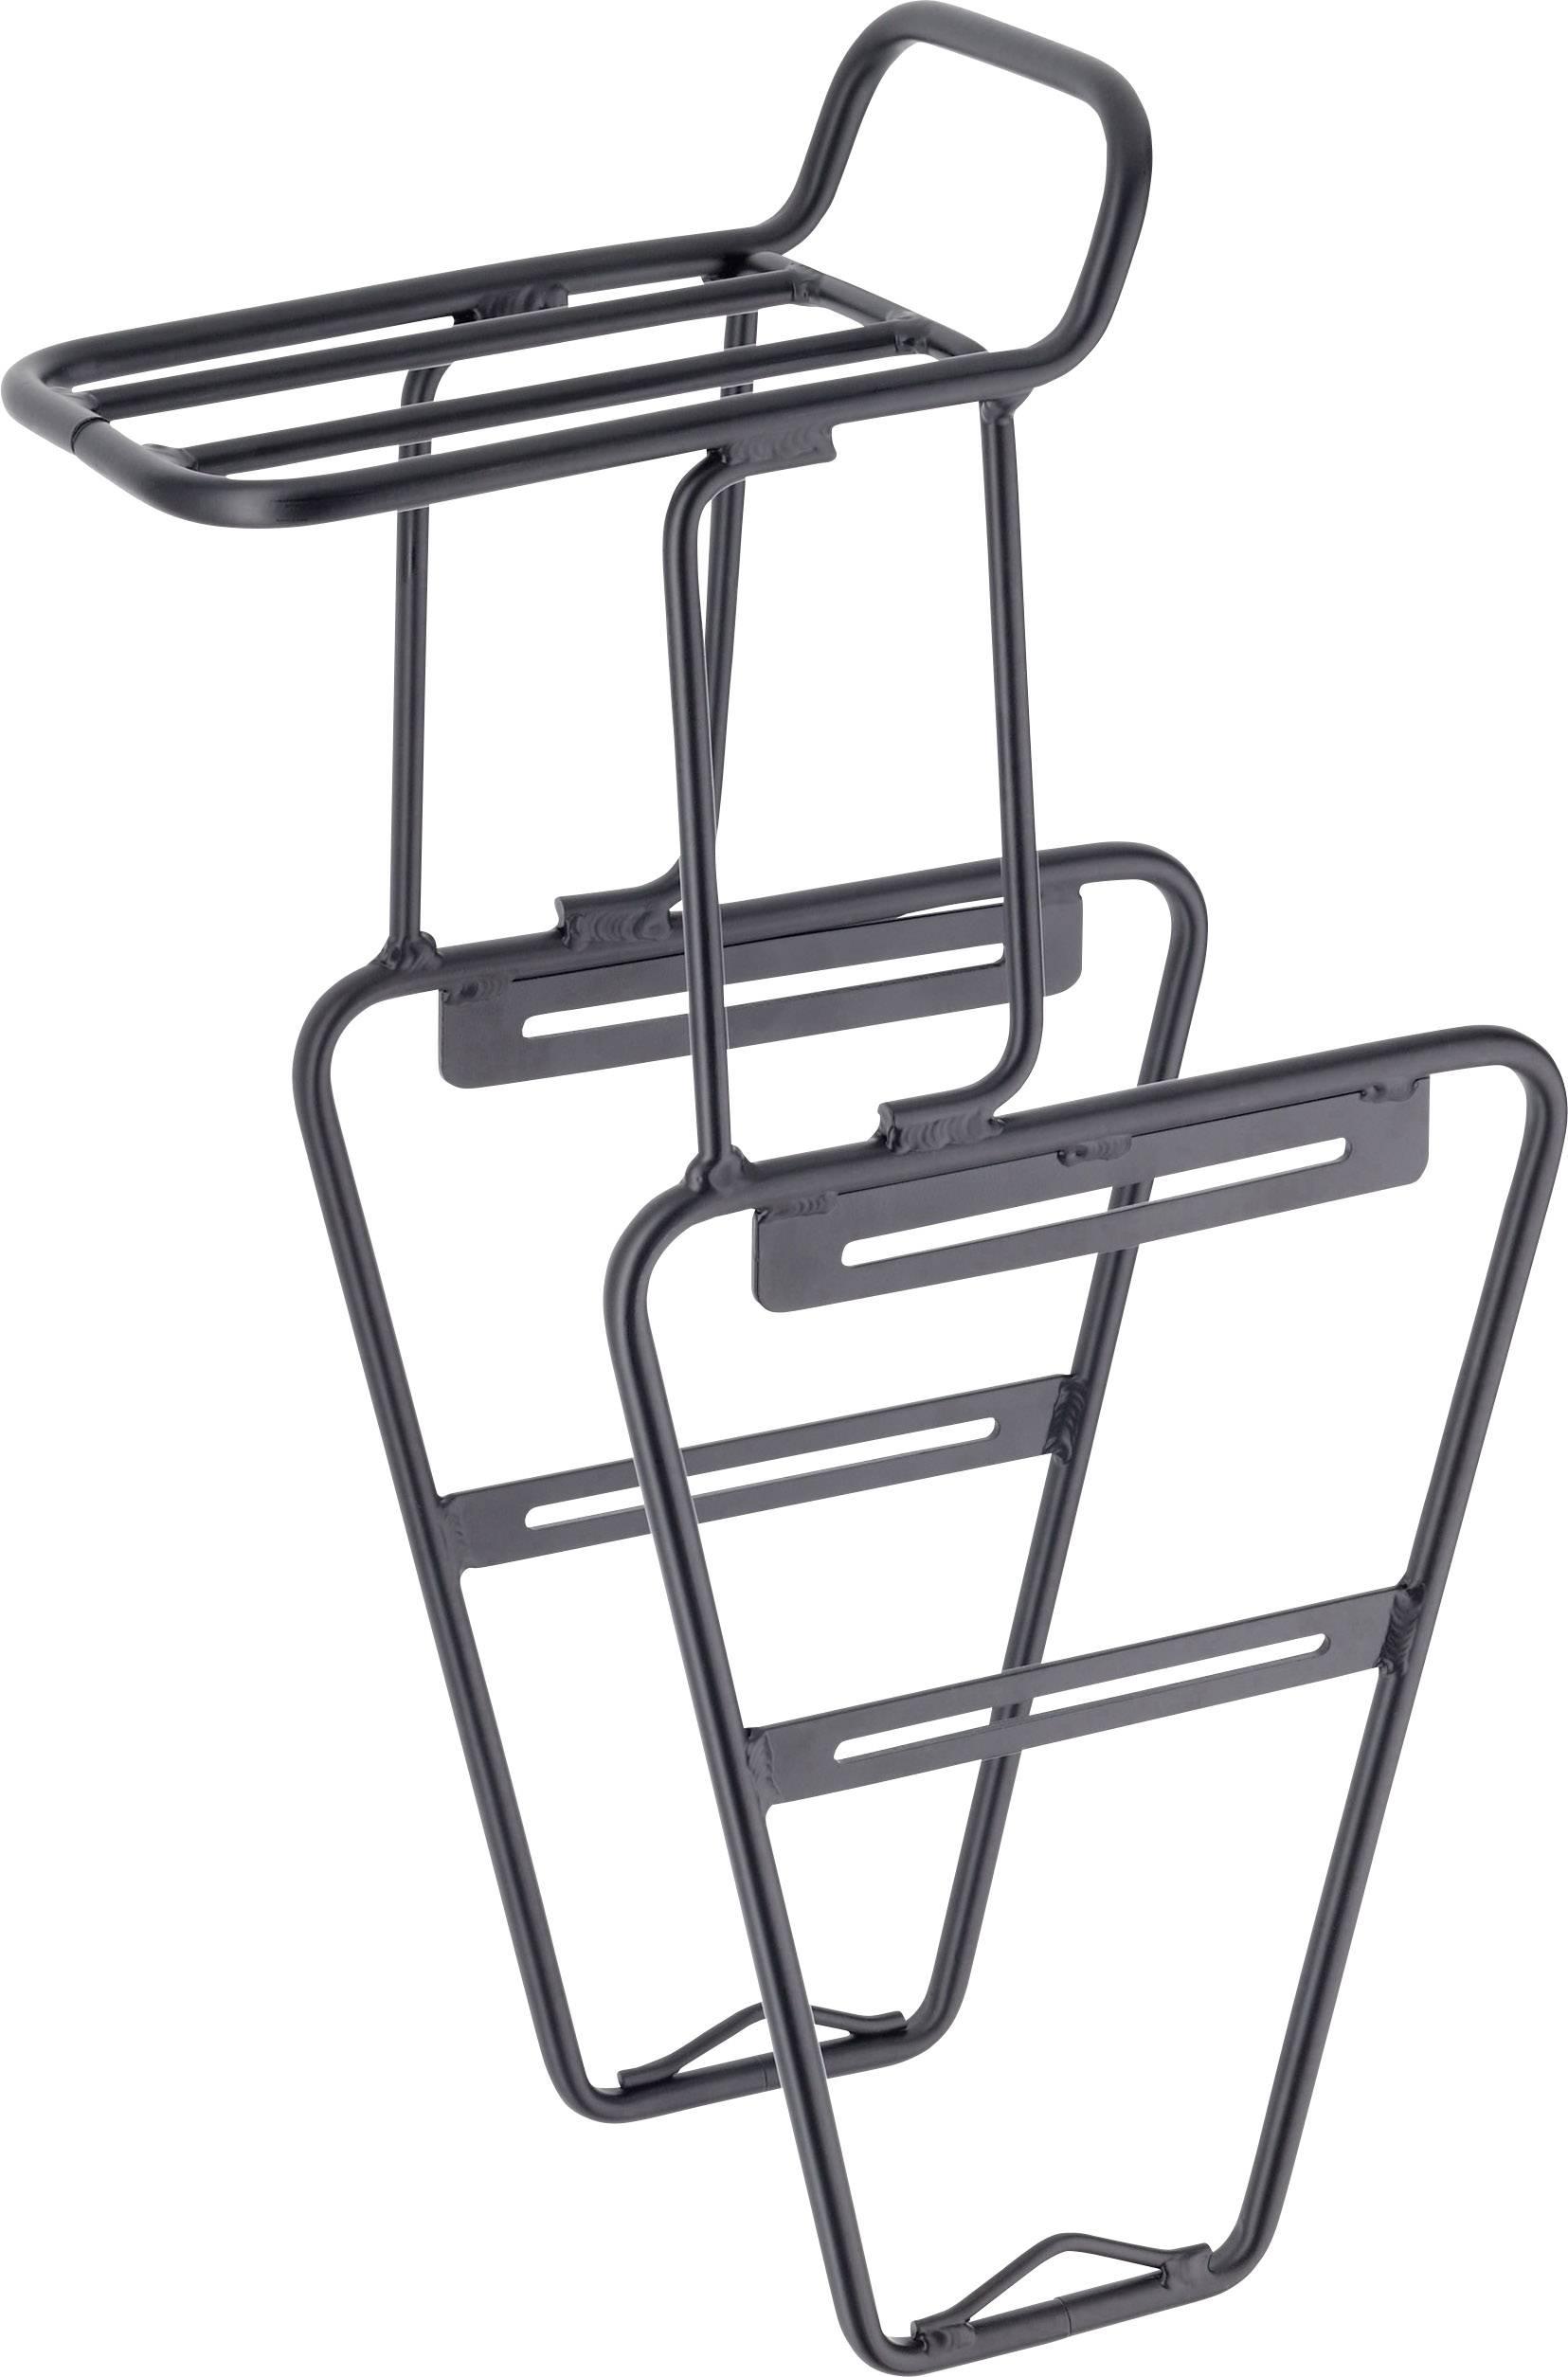 Portapacchi per bicicletta Point 5033800 - Lowrider Nero